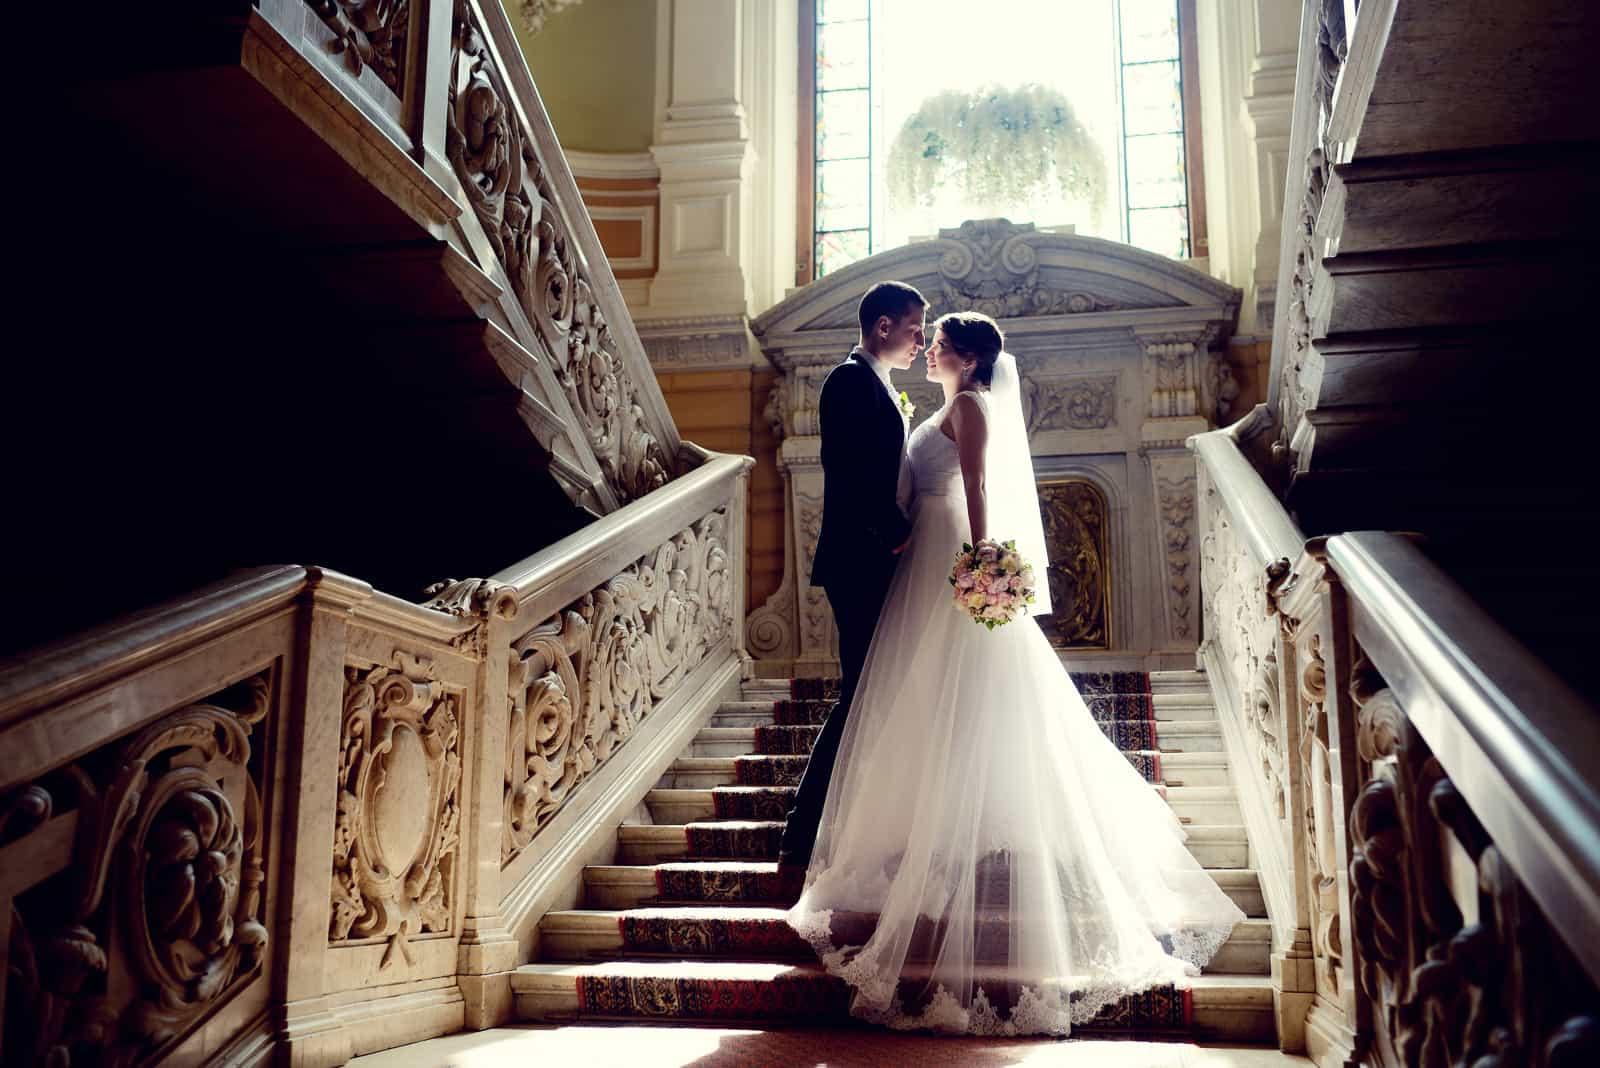 Das Paar ist auf der Treppe abgebildet